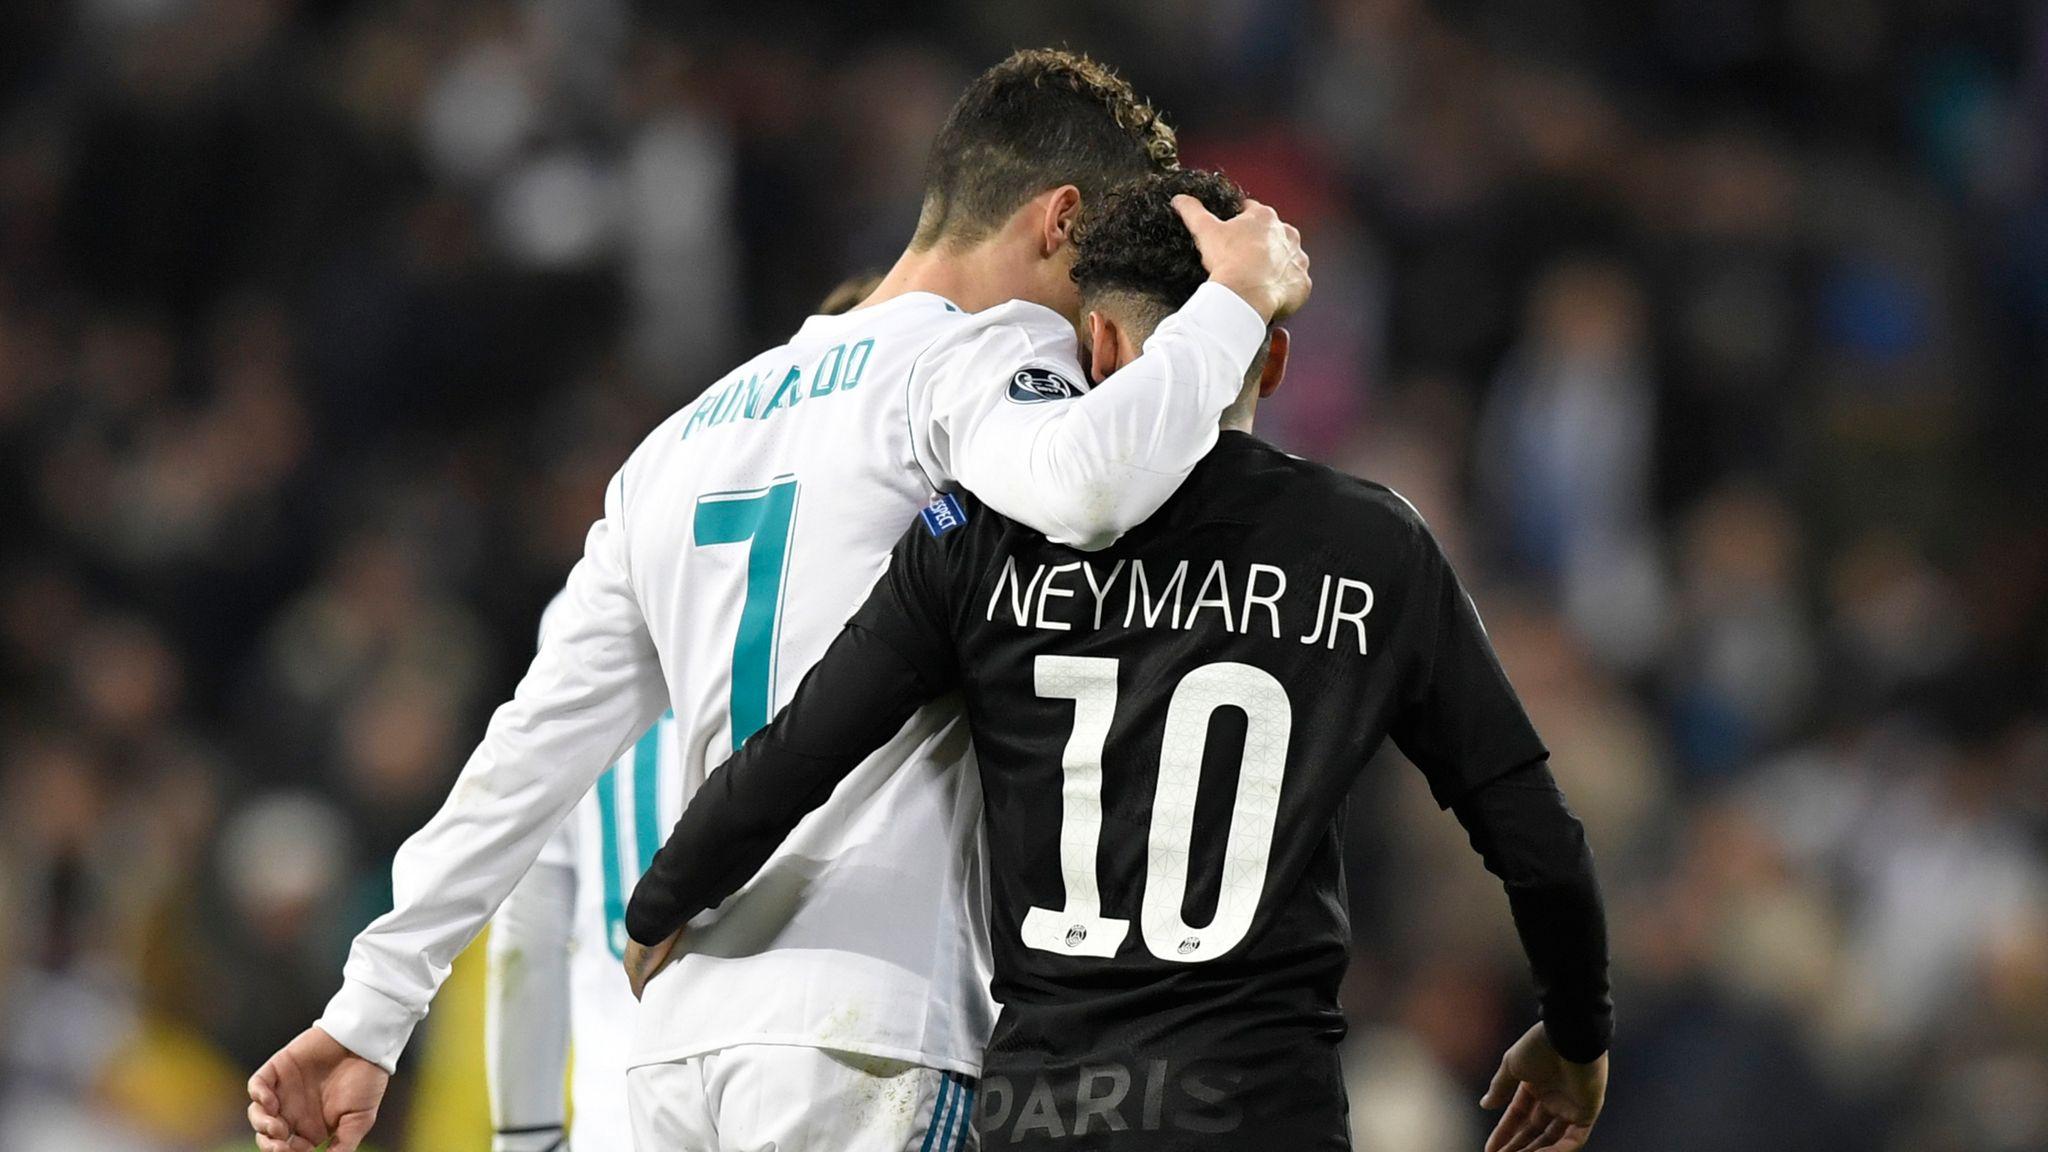 Neymar: Ëndrra ime Kupa e Botës, dua të luaj me Cristiano Ronaldon